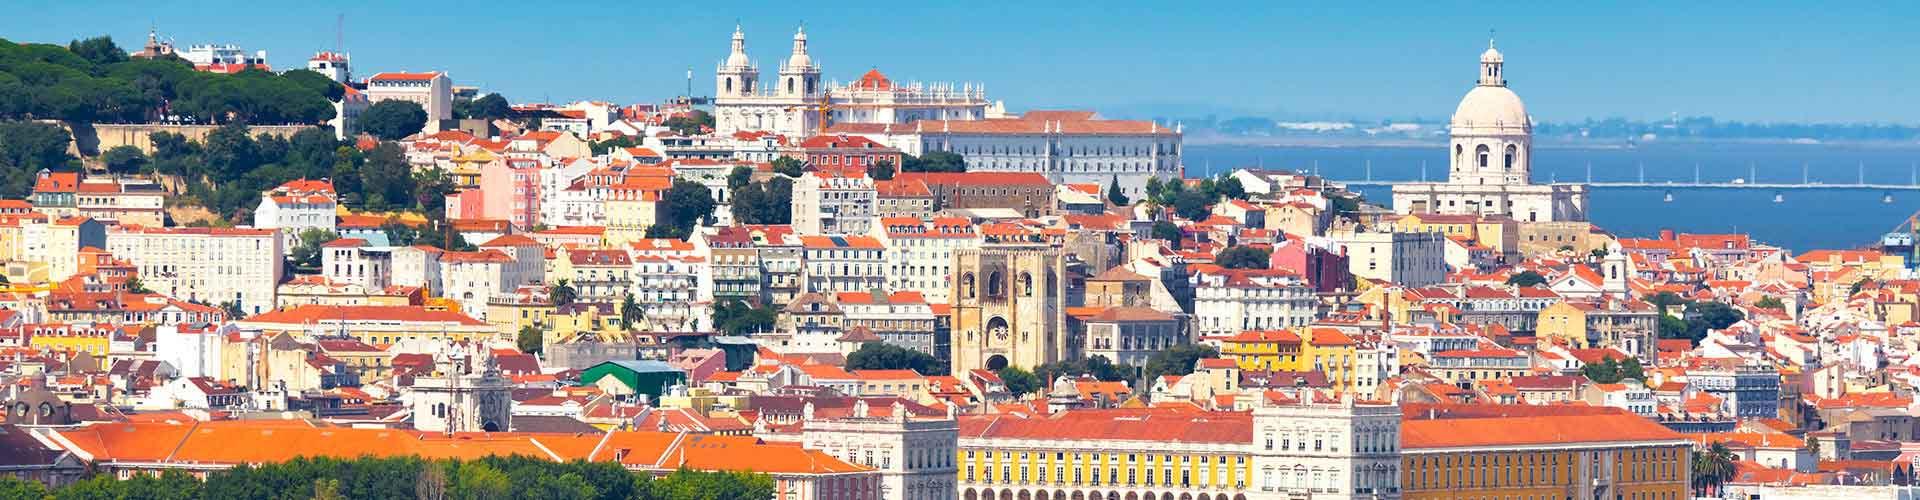 Lissabon – Hostels im Stadtteil Sé. Lissabon auf der Karte. Fotos und Bewertungen für jedes Hostel in Lissabon.